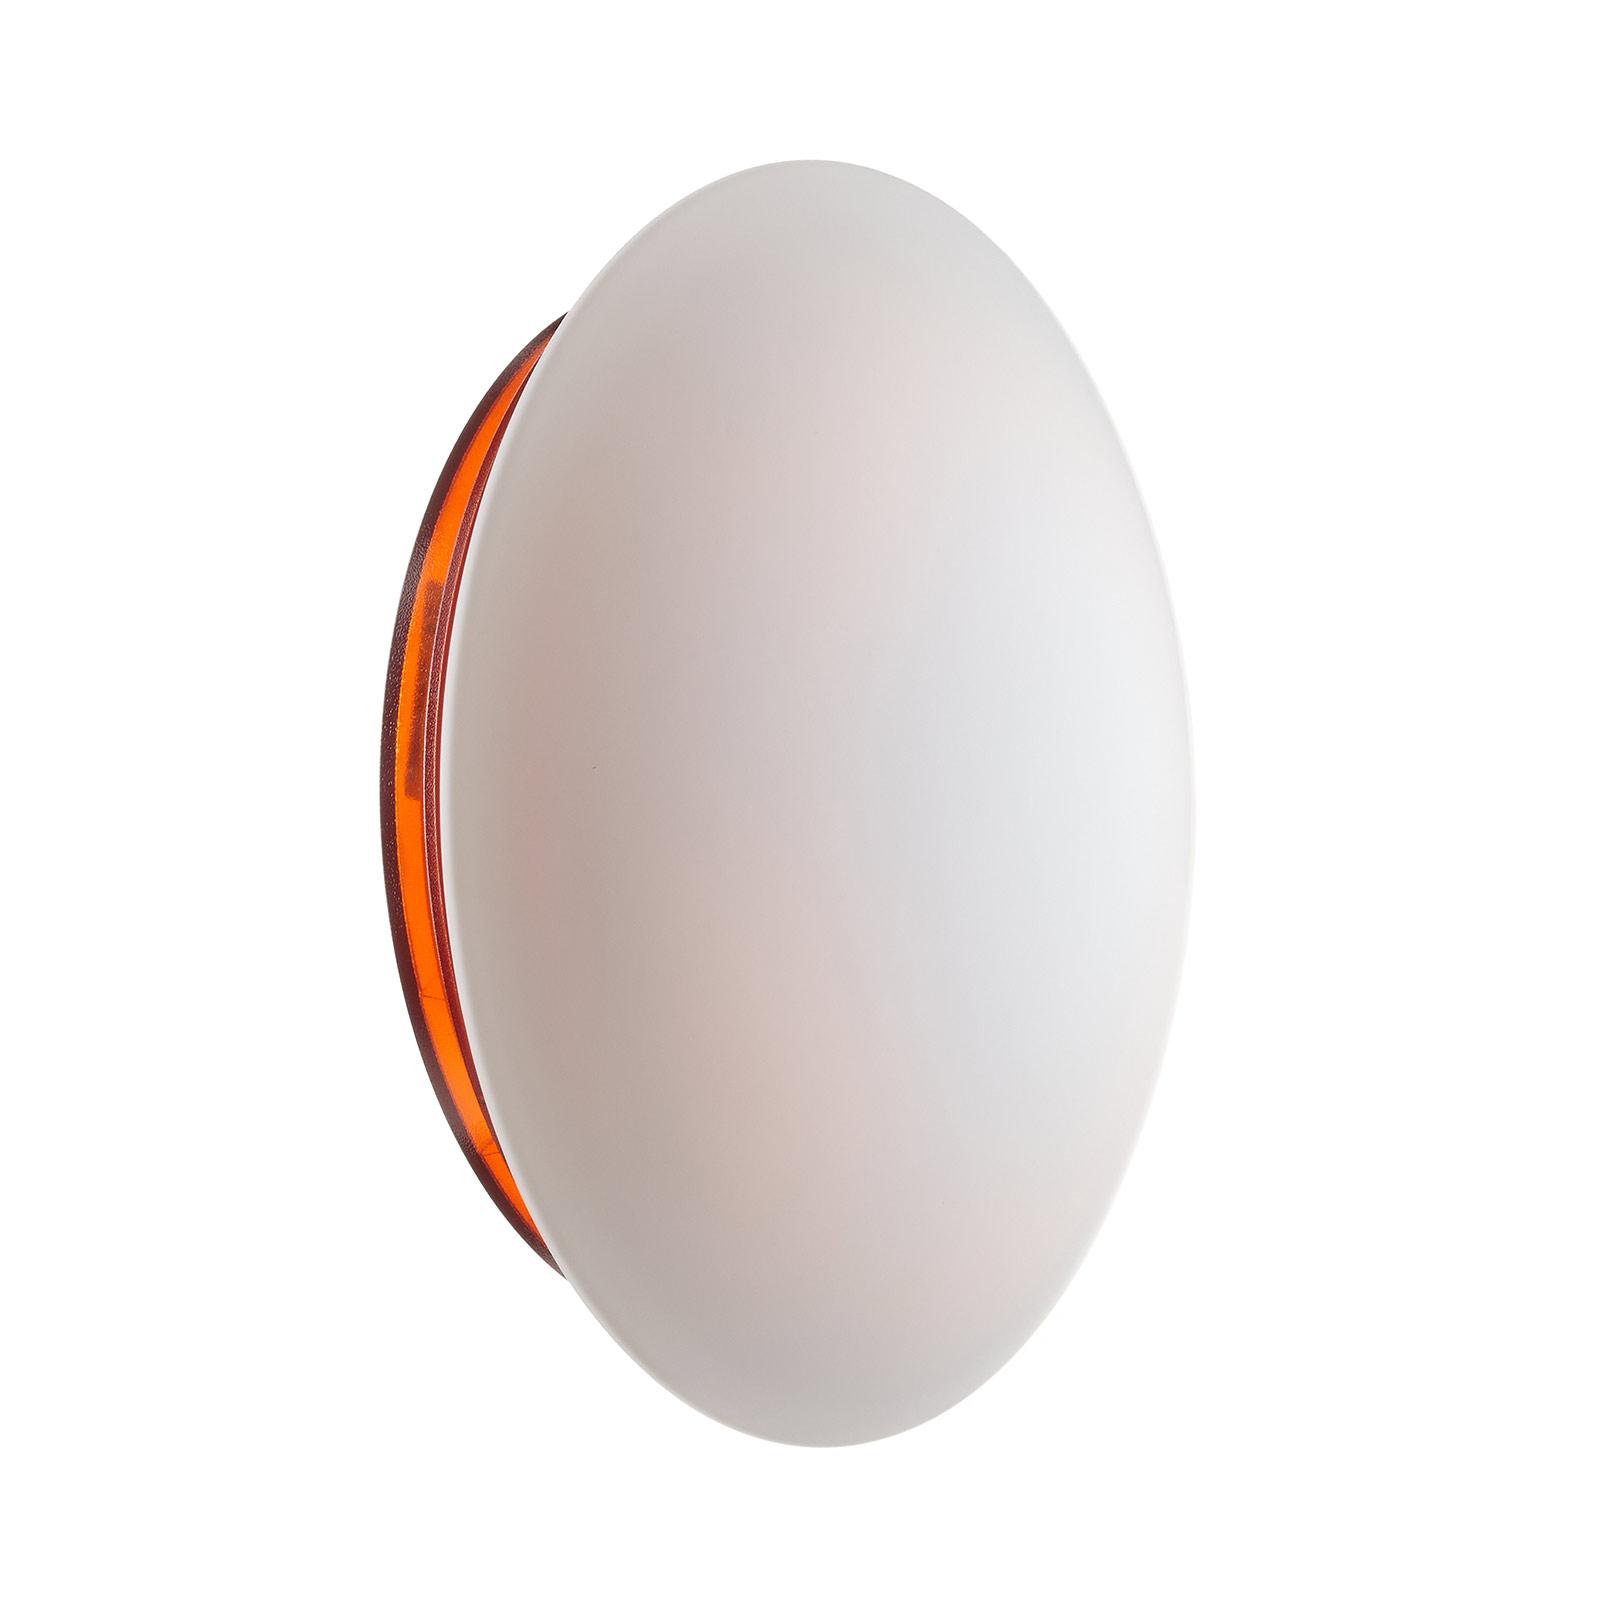 LED-Wandleuchte Bis IP44 mit orangefarbener Basis